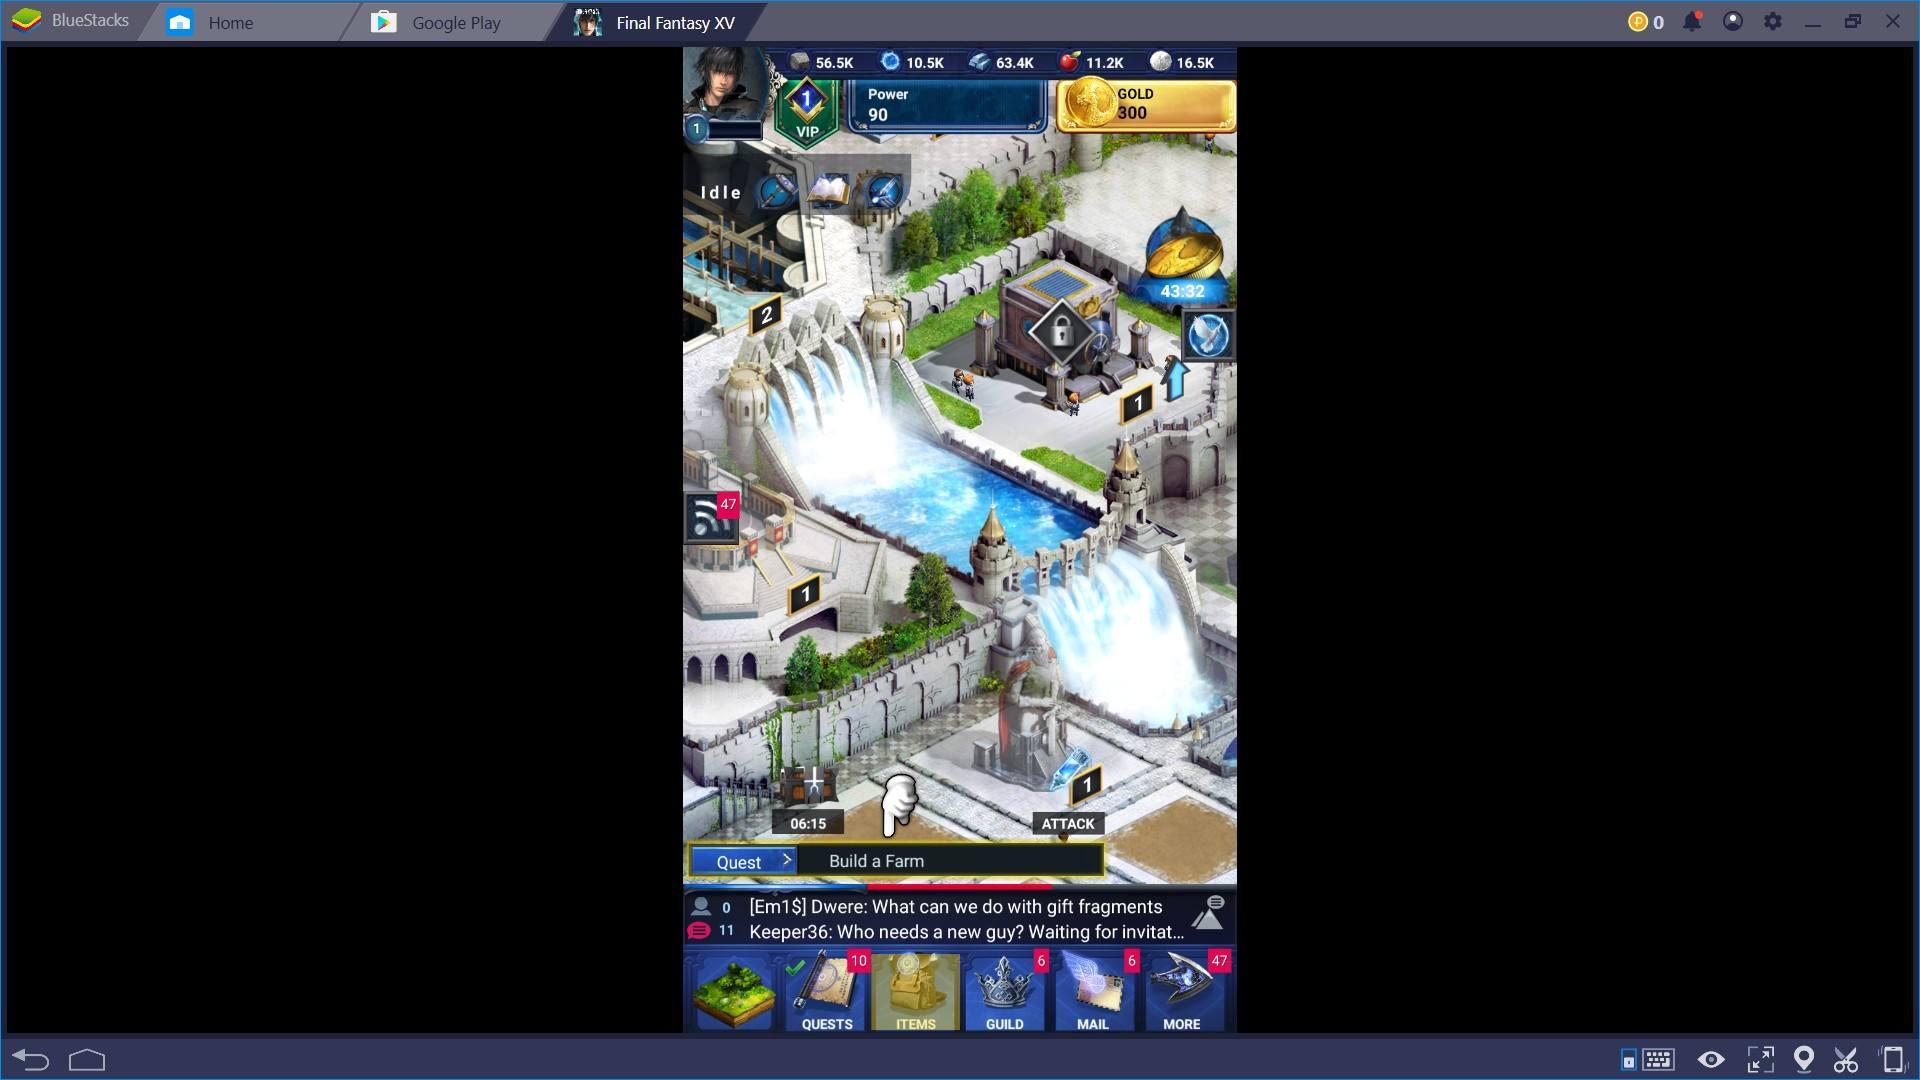 BlueStacksを使ってPCでファイナルファンタジー15:新たなる王国を遊ぼう